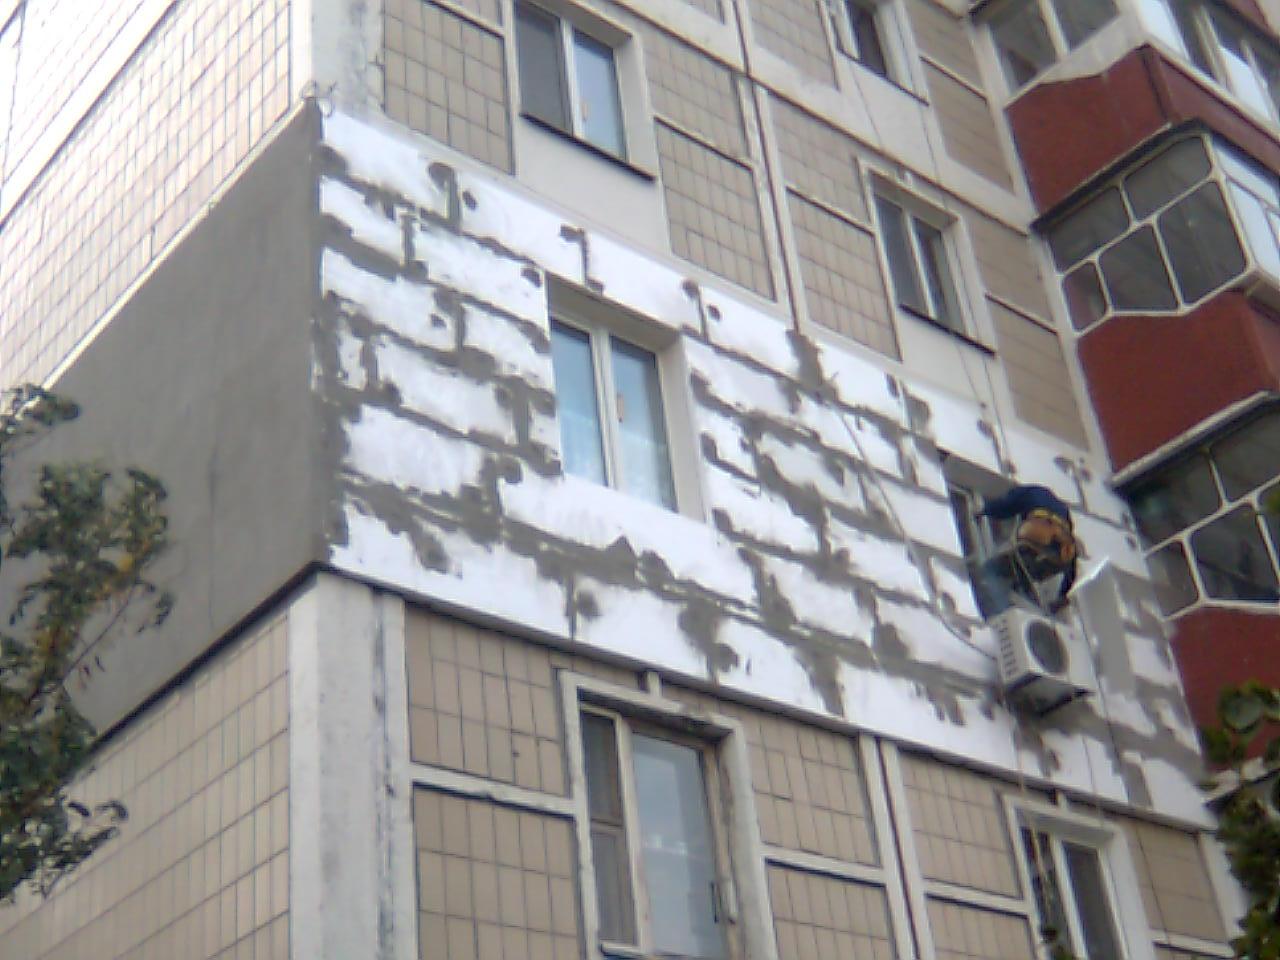 Наружное утепление балконов и лоджий фото. - дешевые окна - .